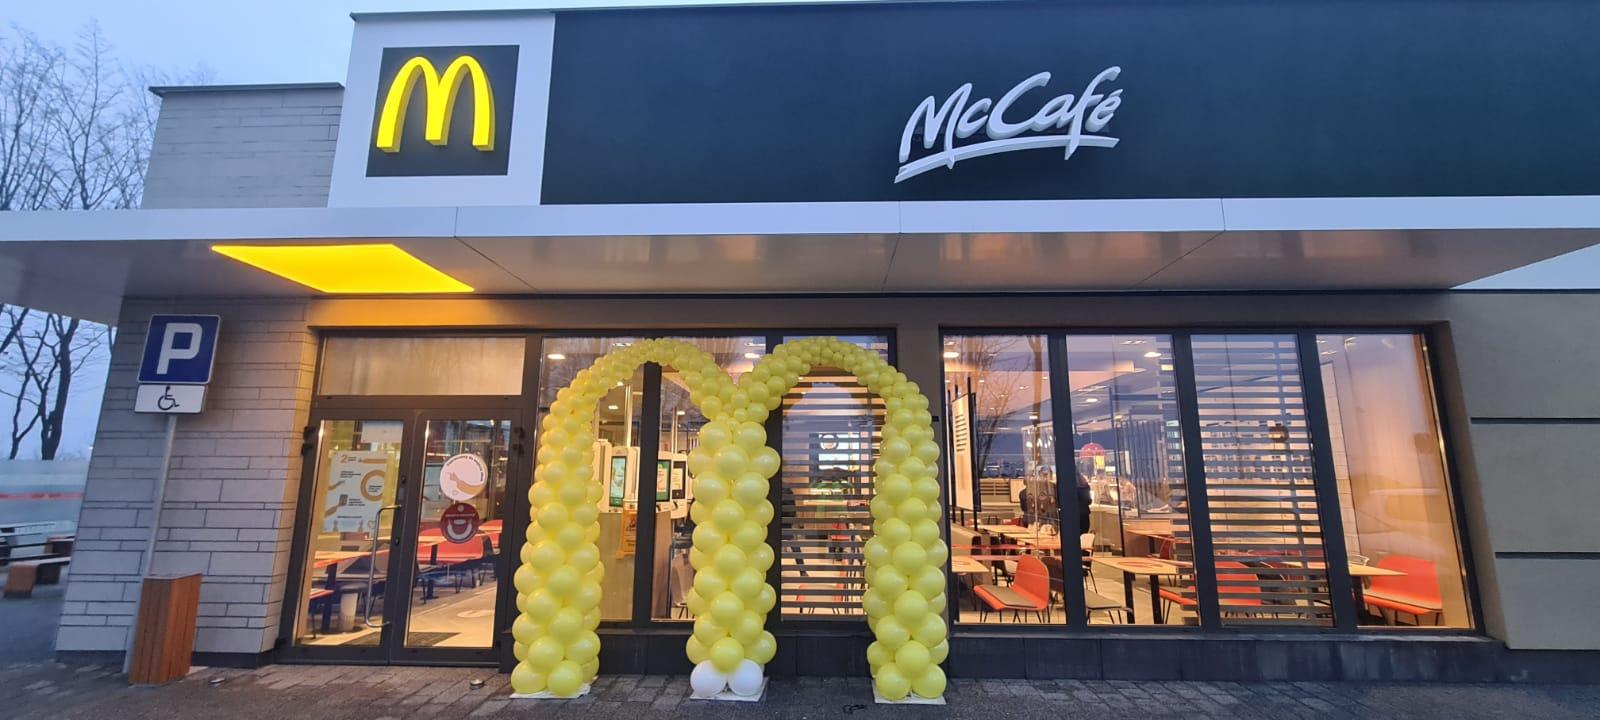 Od rana McDonald's w Andrychowie już kusi klientów [FOTO]